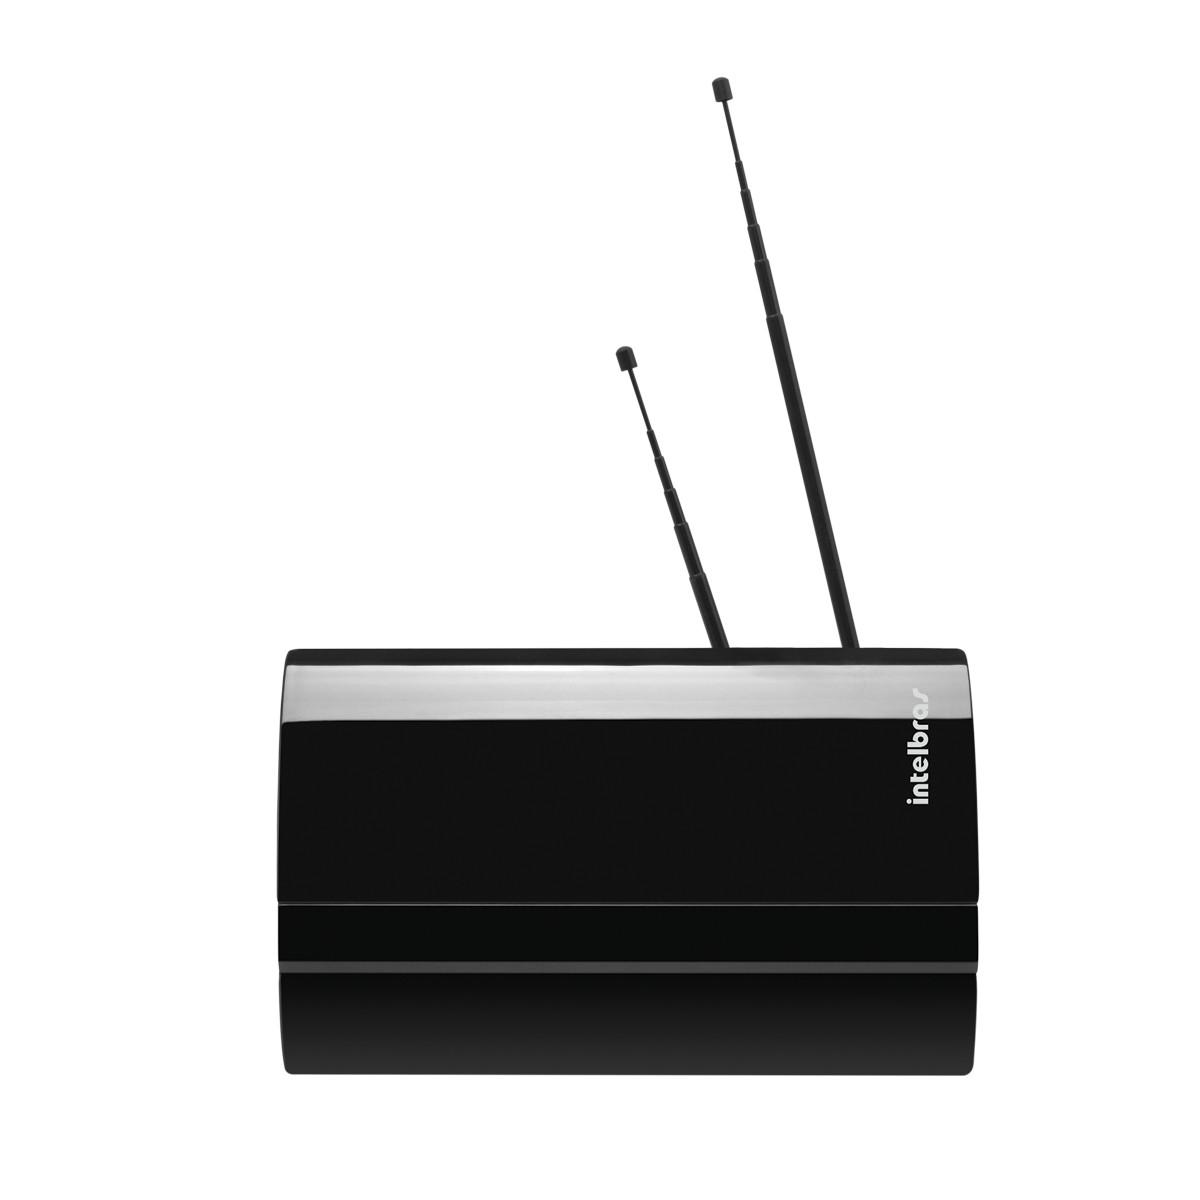 Antena De Tv Interna Digital Fm/Uhf/Vhf/Hdtv Ai 2000 Intelbras  - Eletroinfocia